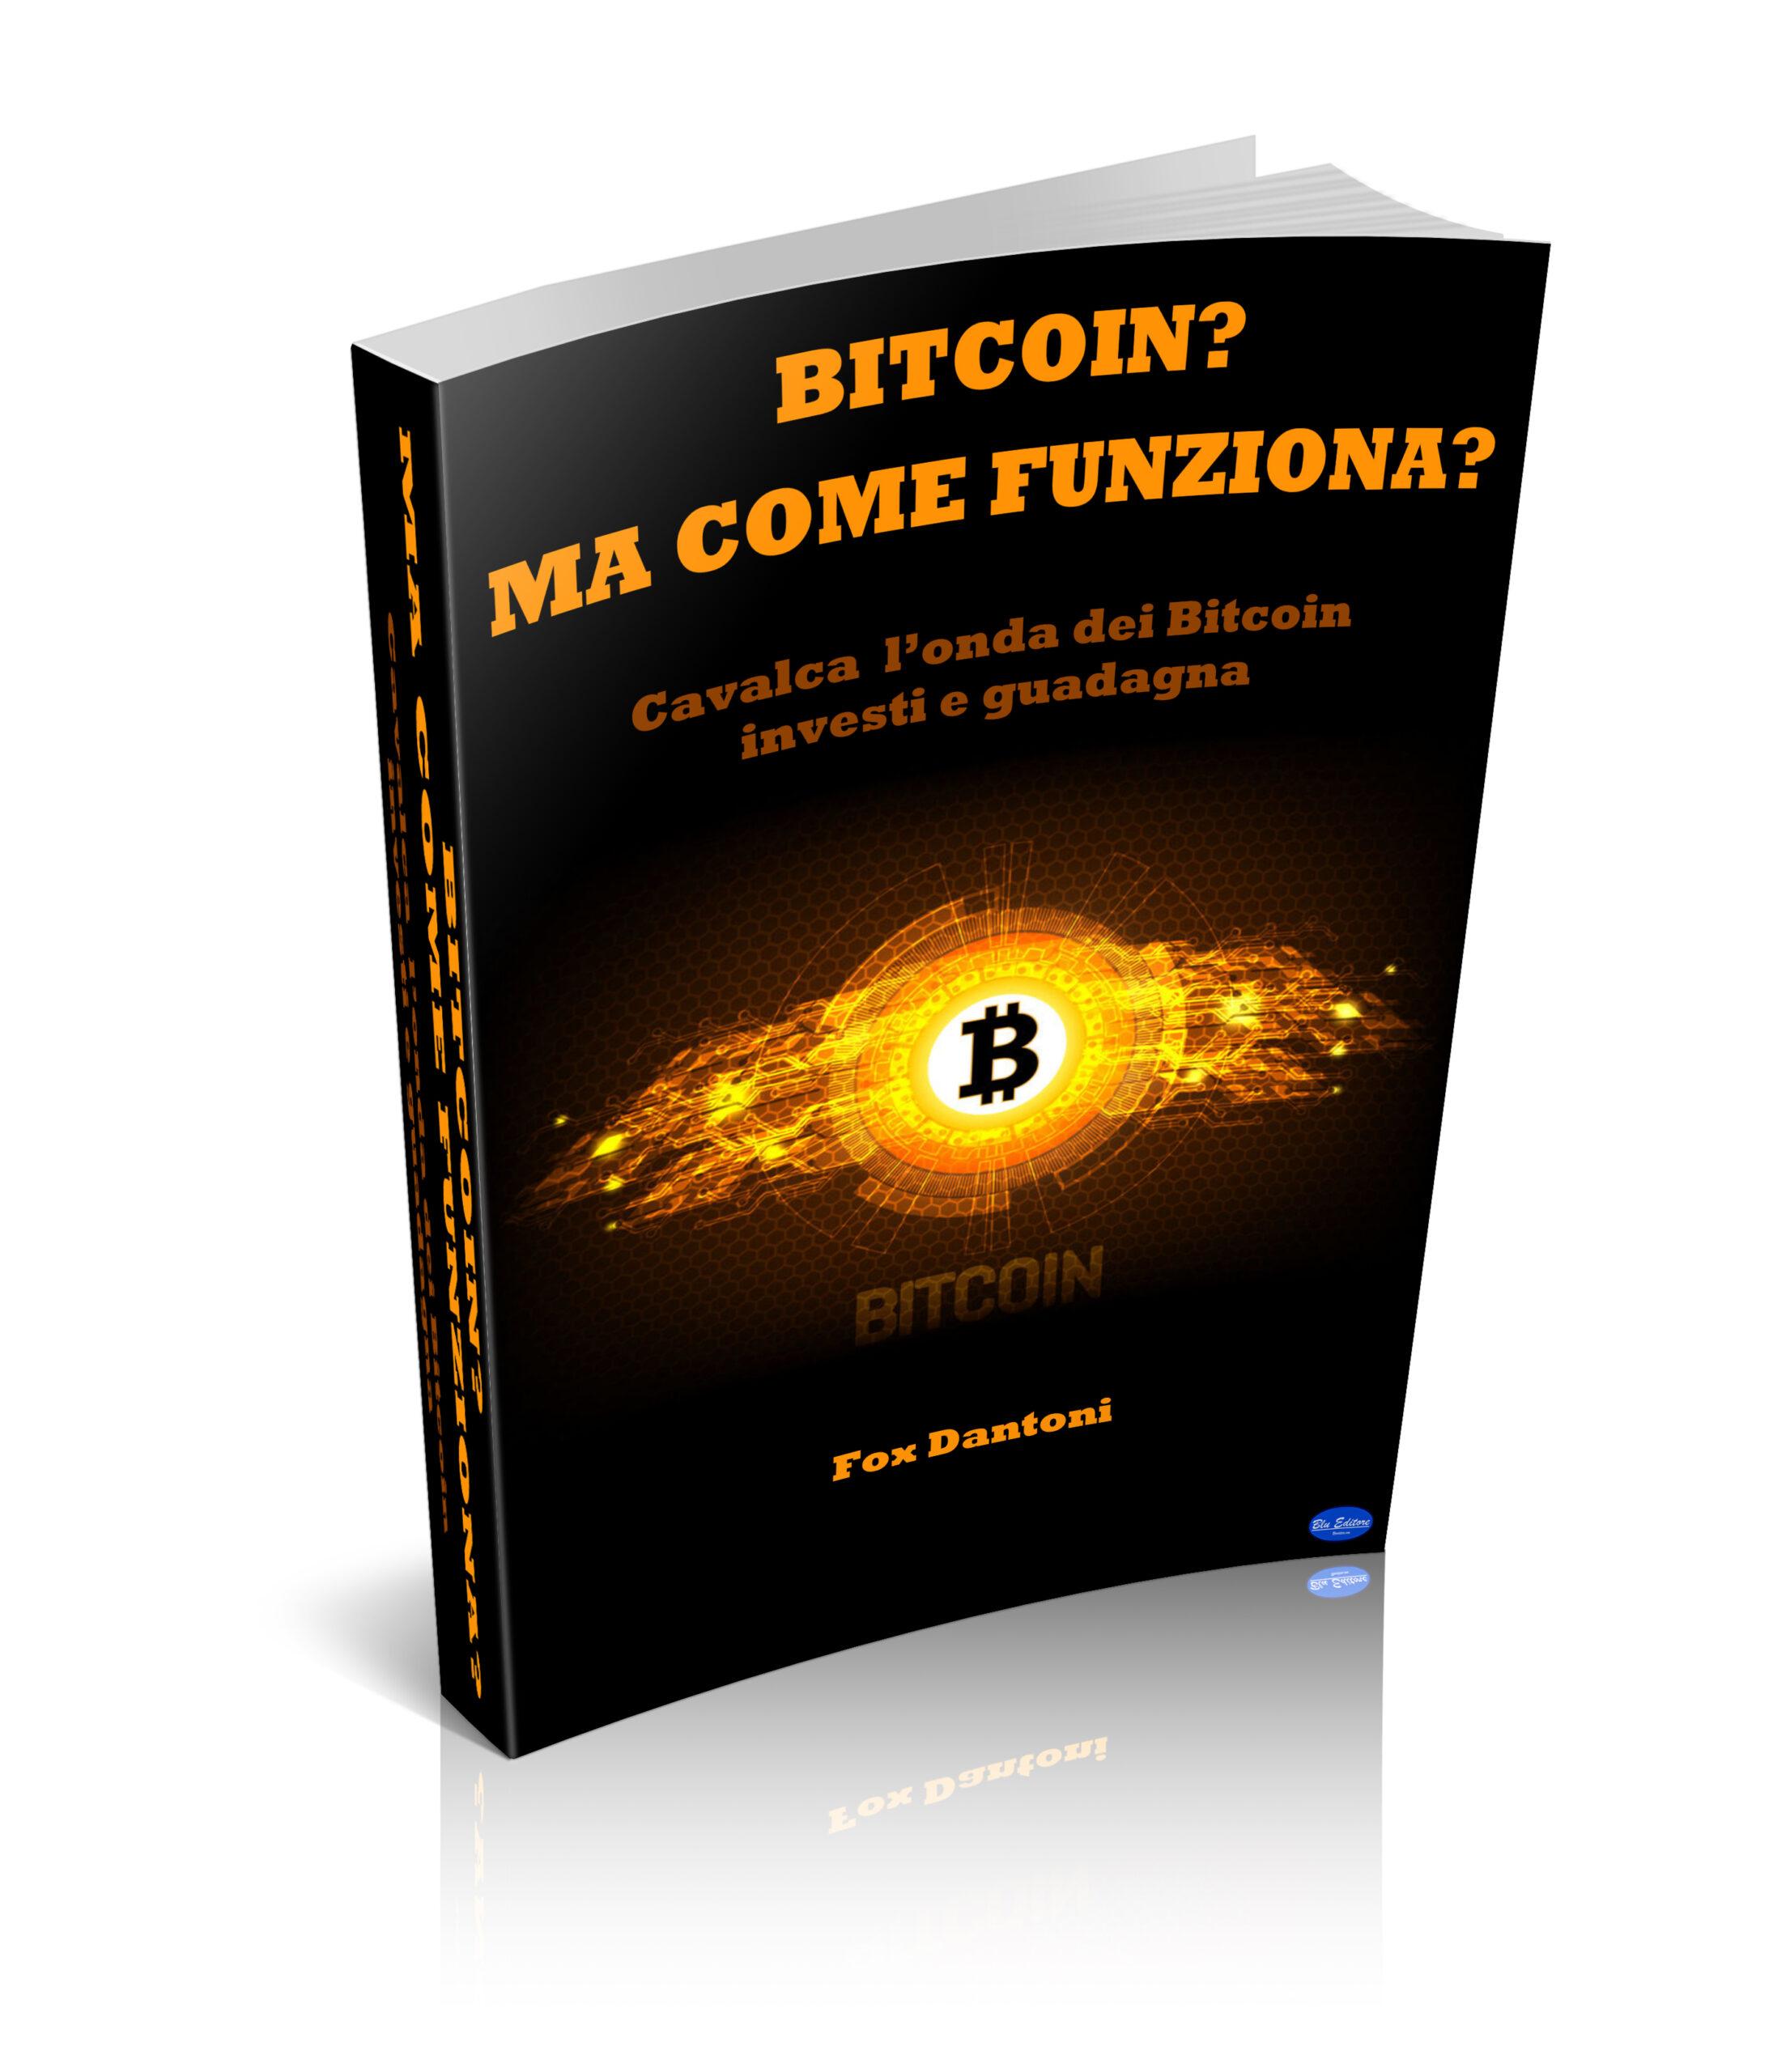 Bitcoin? Ma come Funziona?